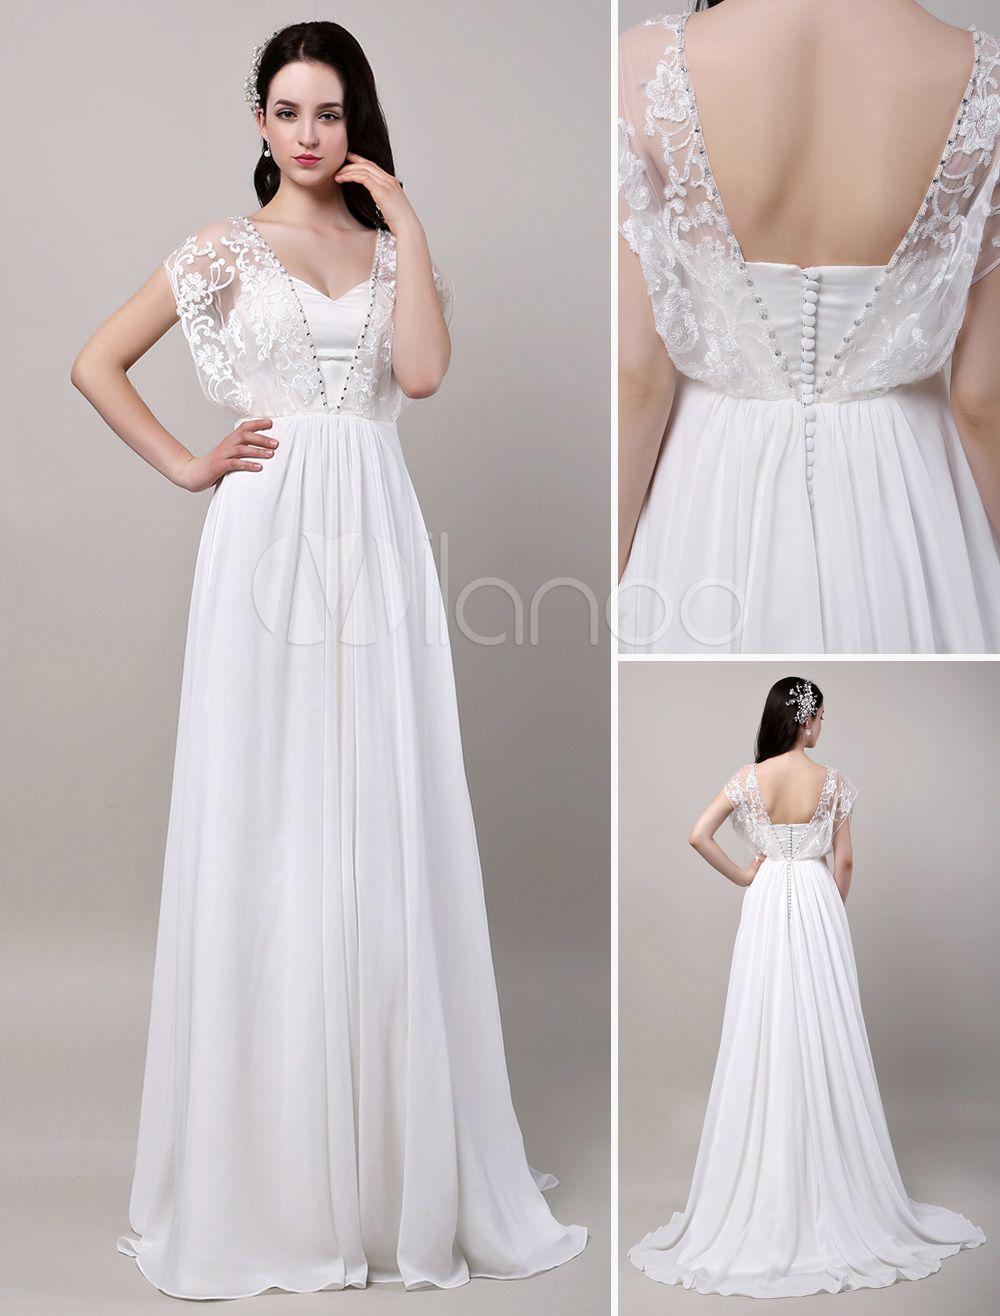 Boho wedding dress sweatheart butterfly lace sleeves chiffon my